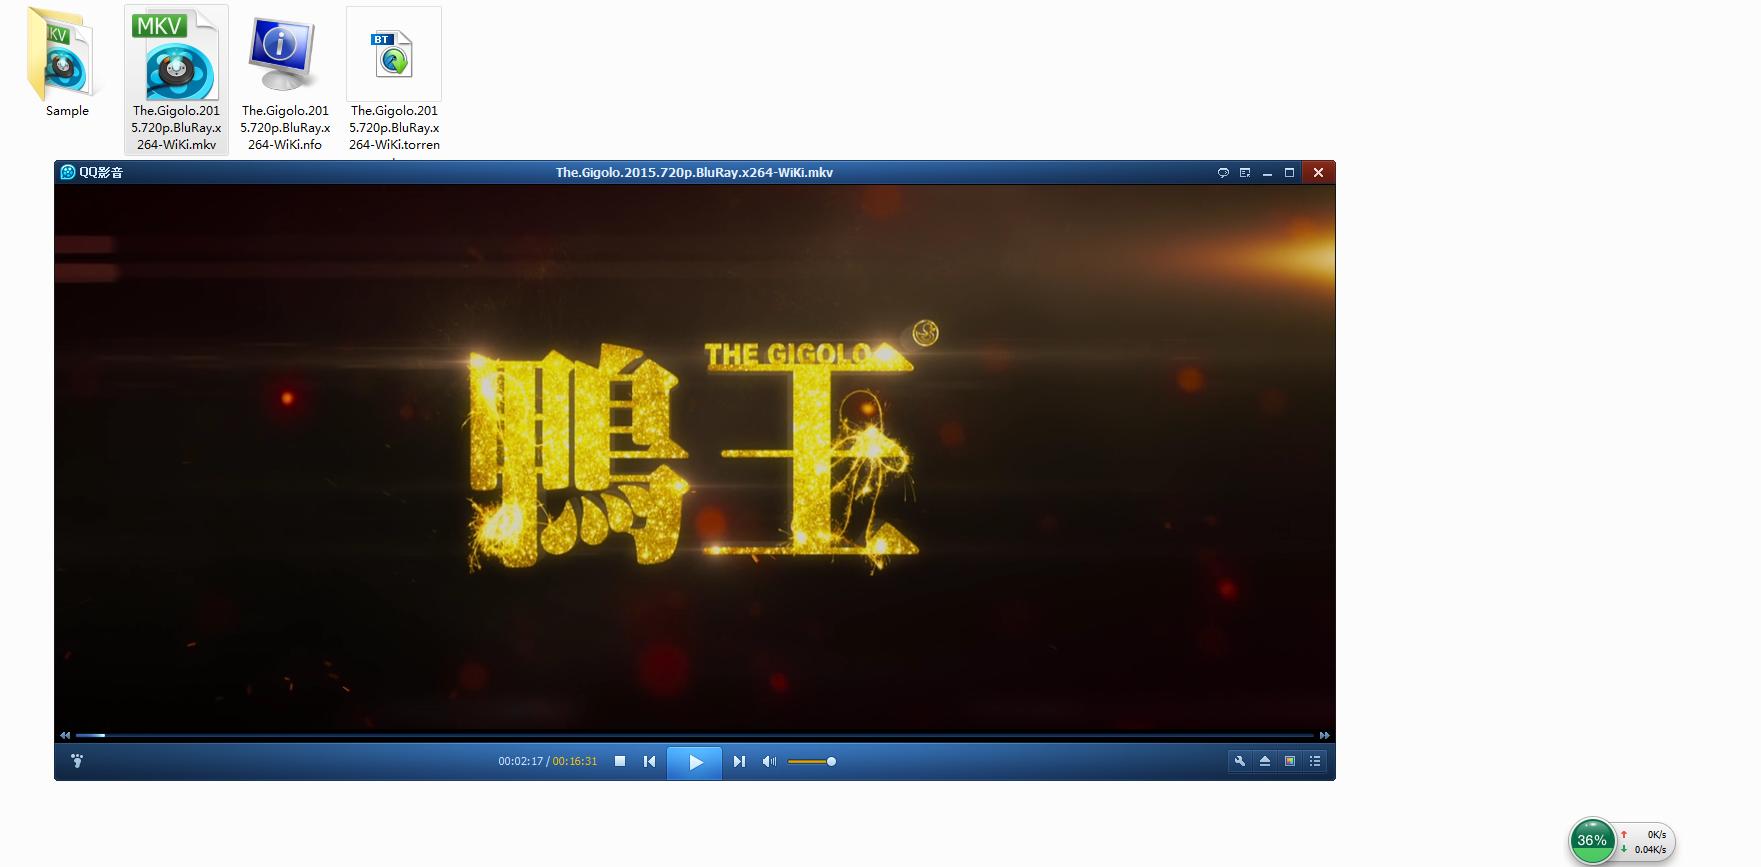 黄色thunderftp_bd1280超清国粤双语中字迅雷下载旋风下载看看播放 thunder://|ftp